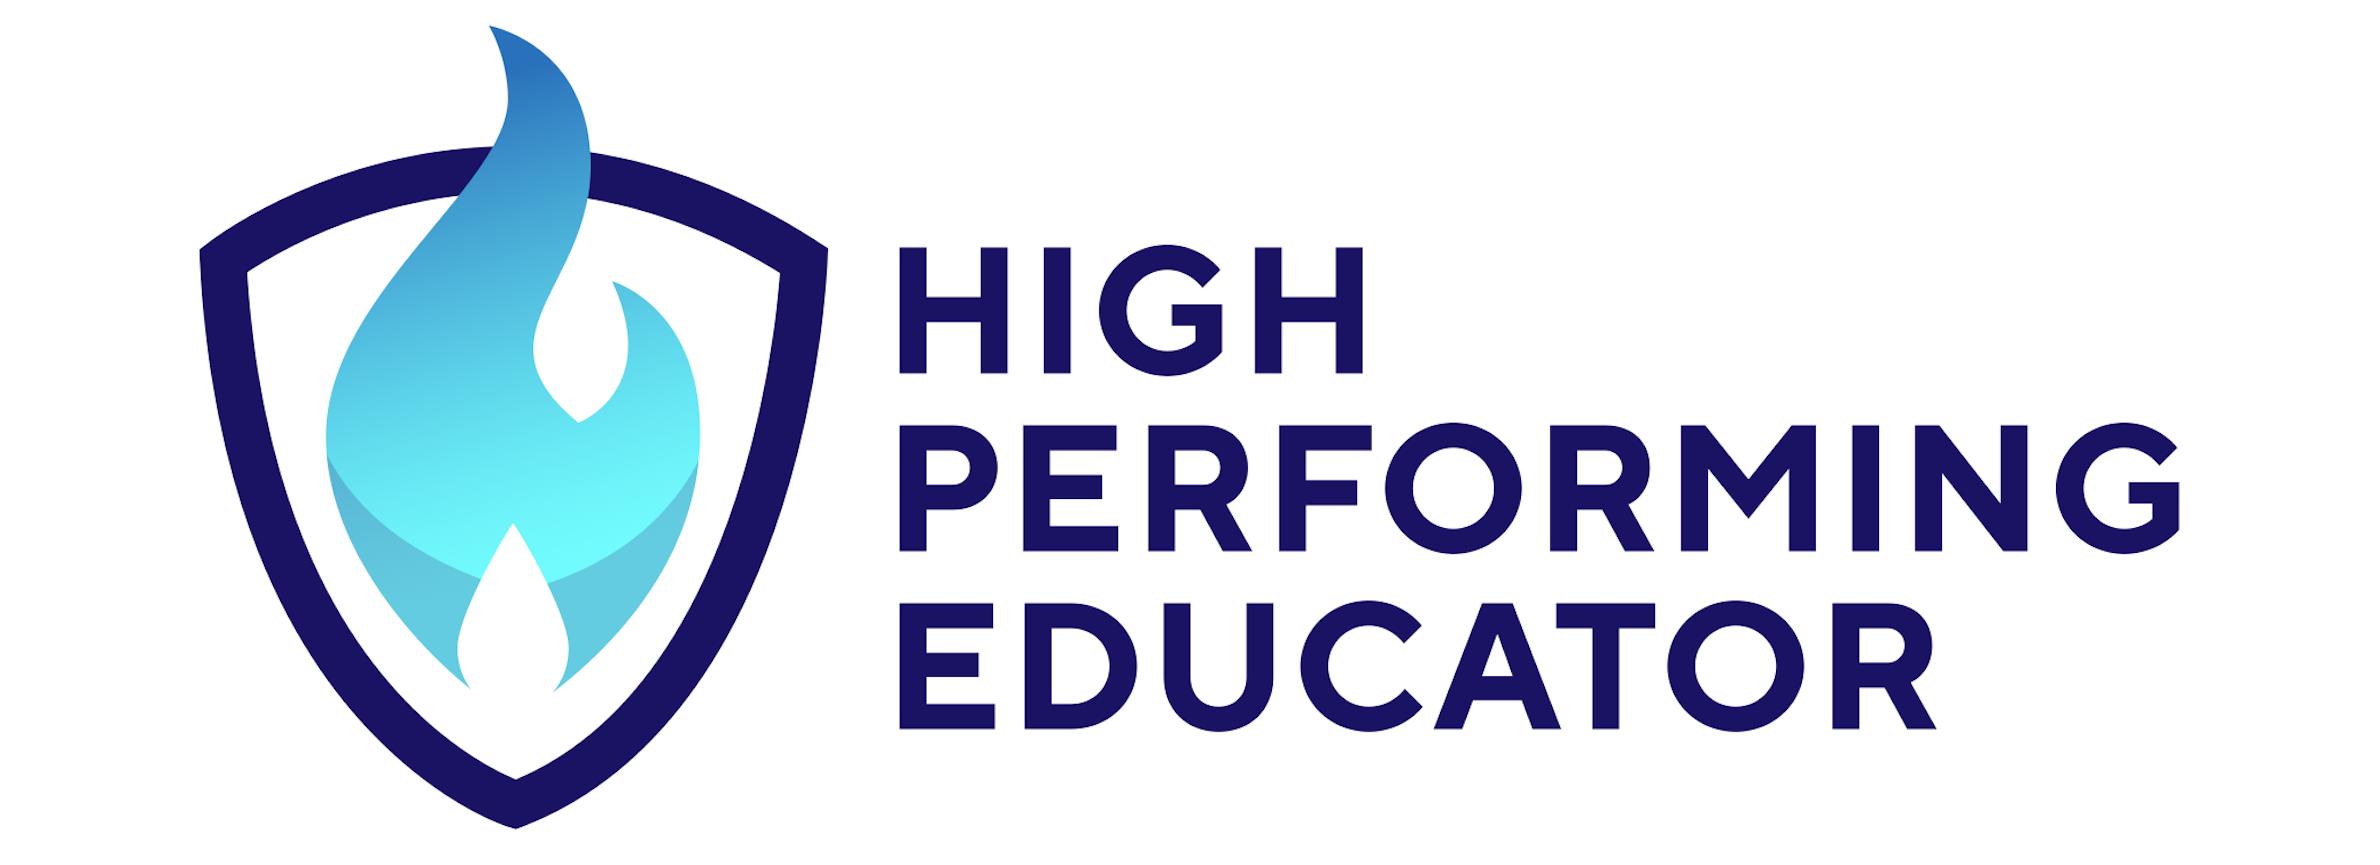 High Performing Educator